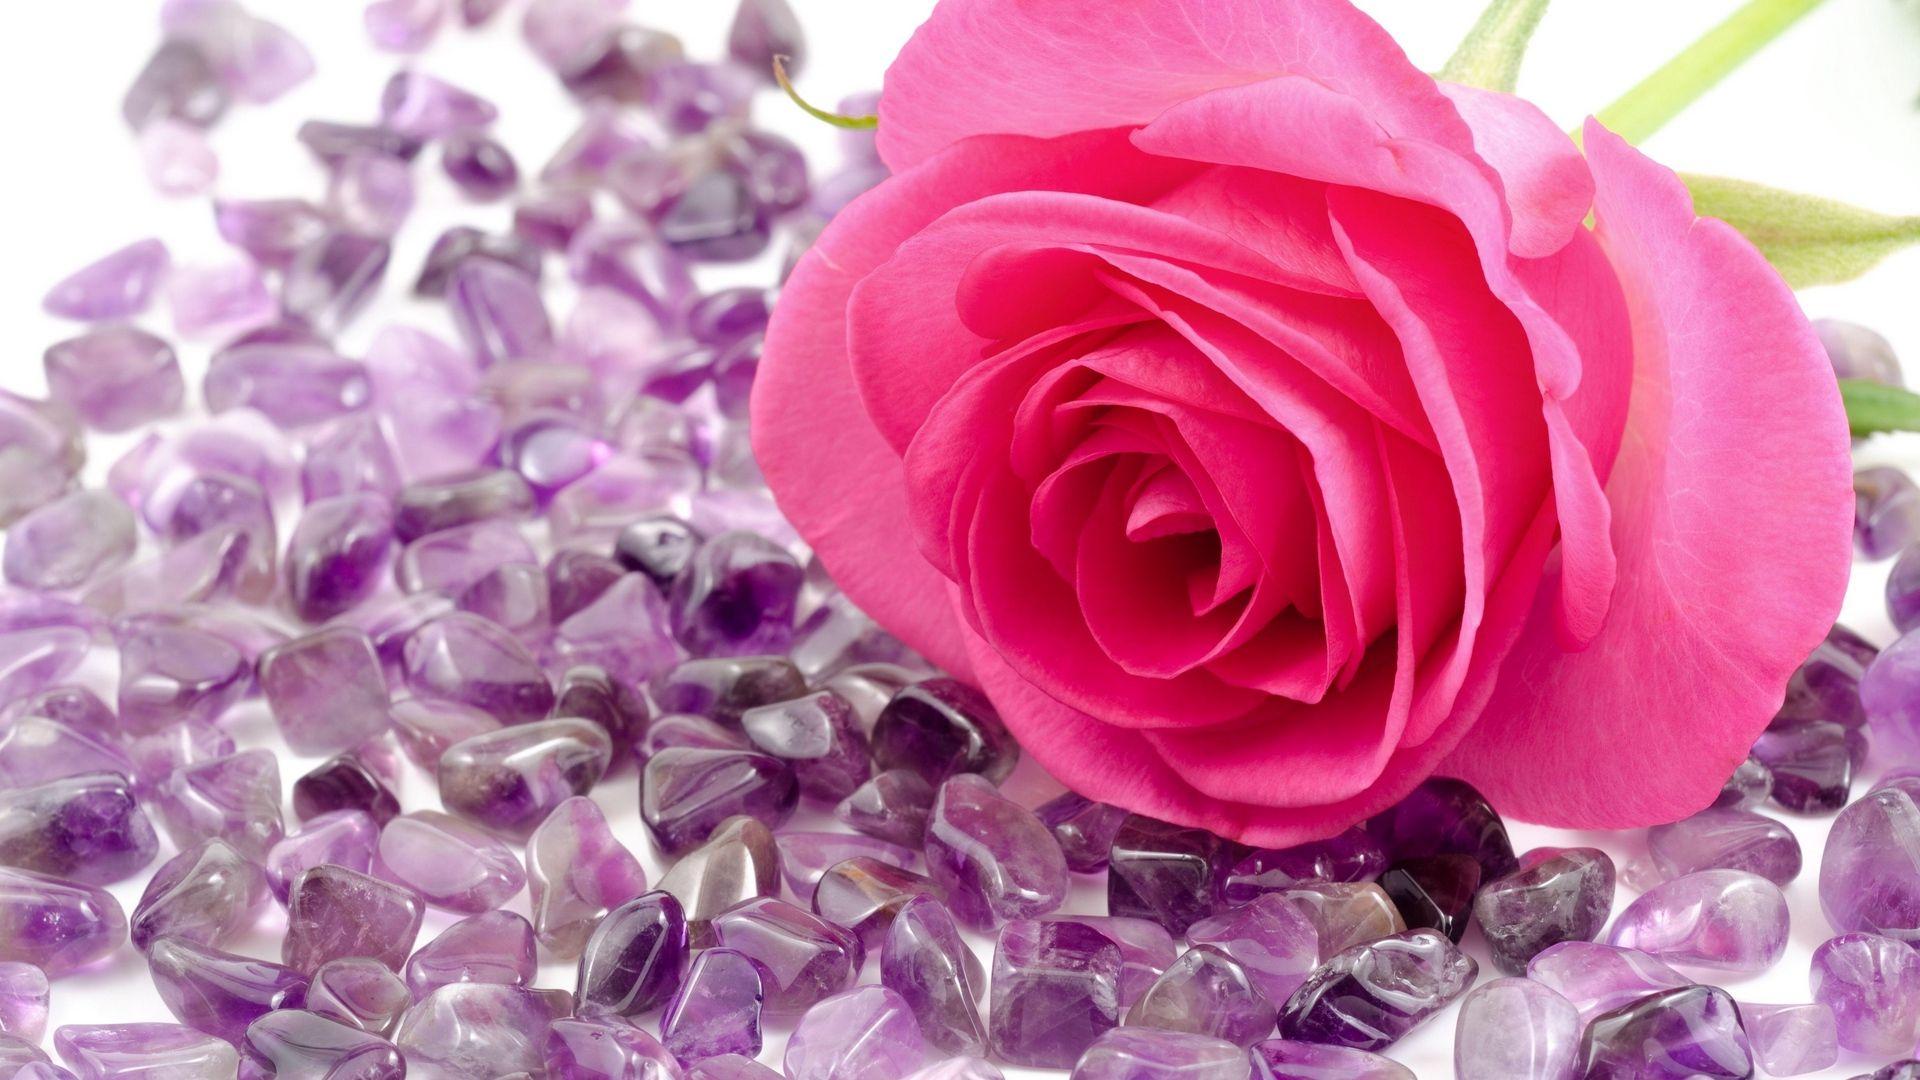 Beautiful Rose Download Wallpaper